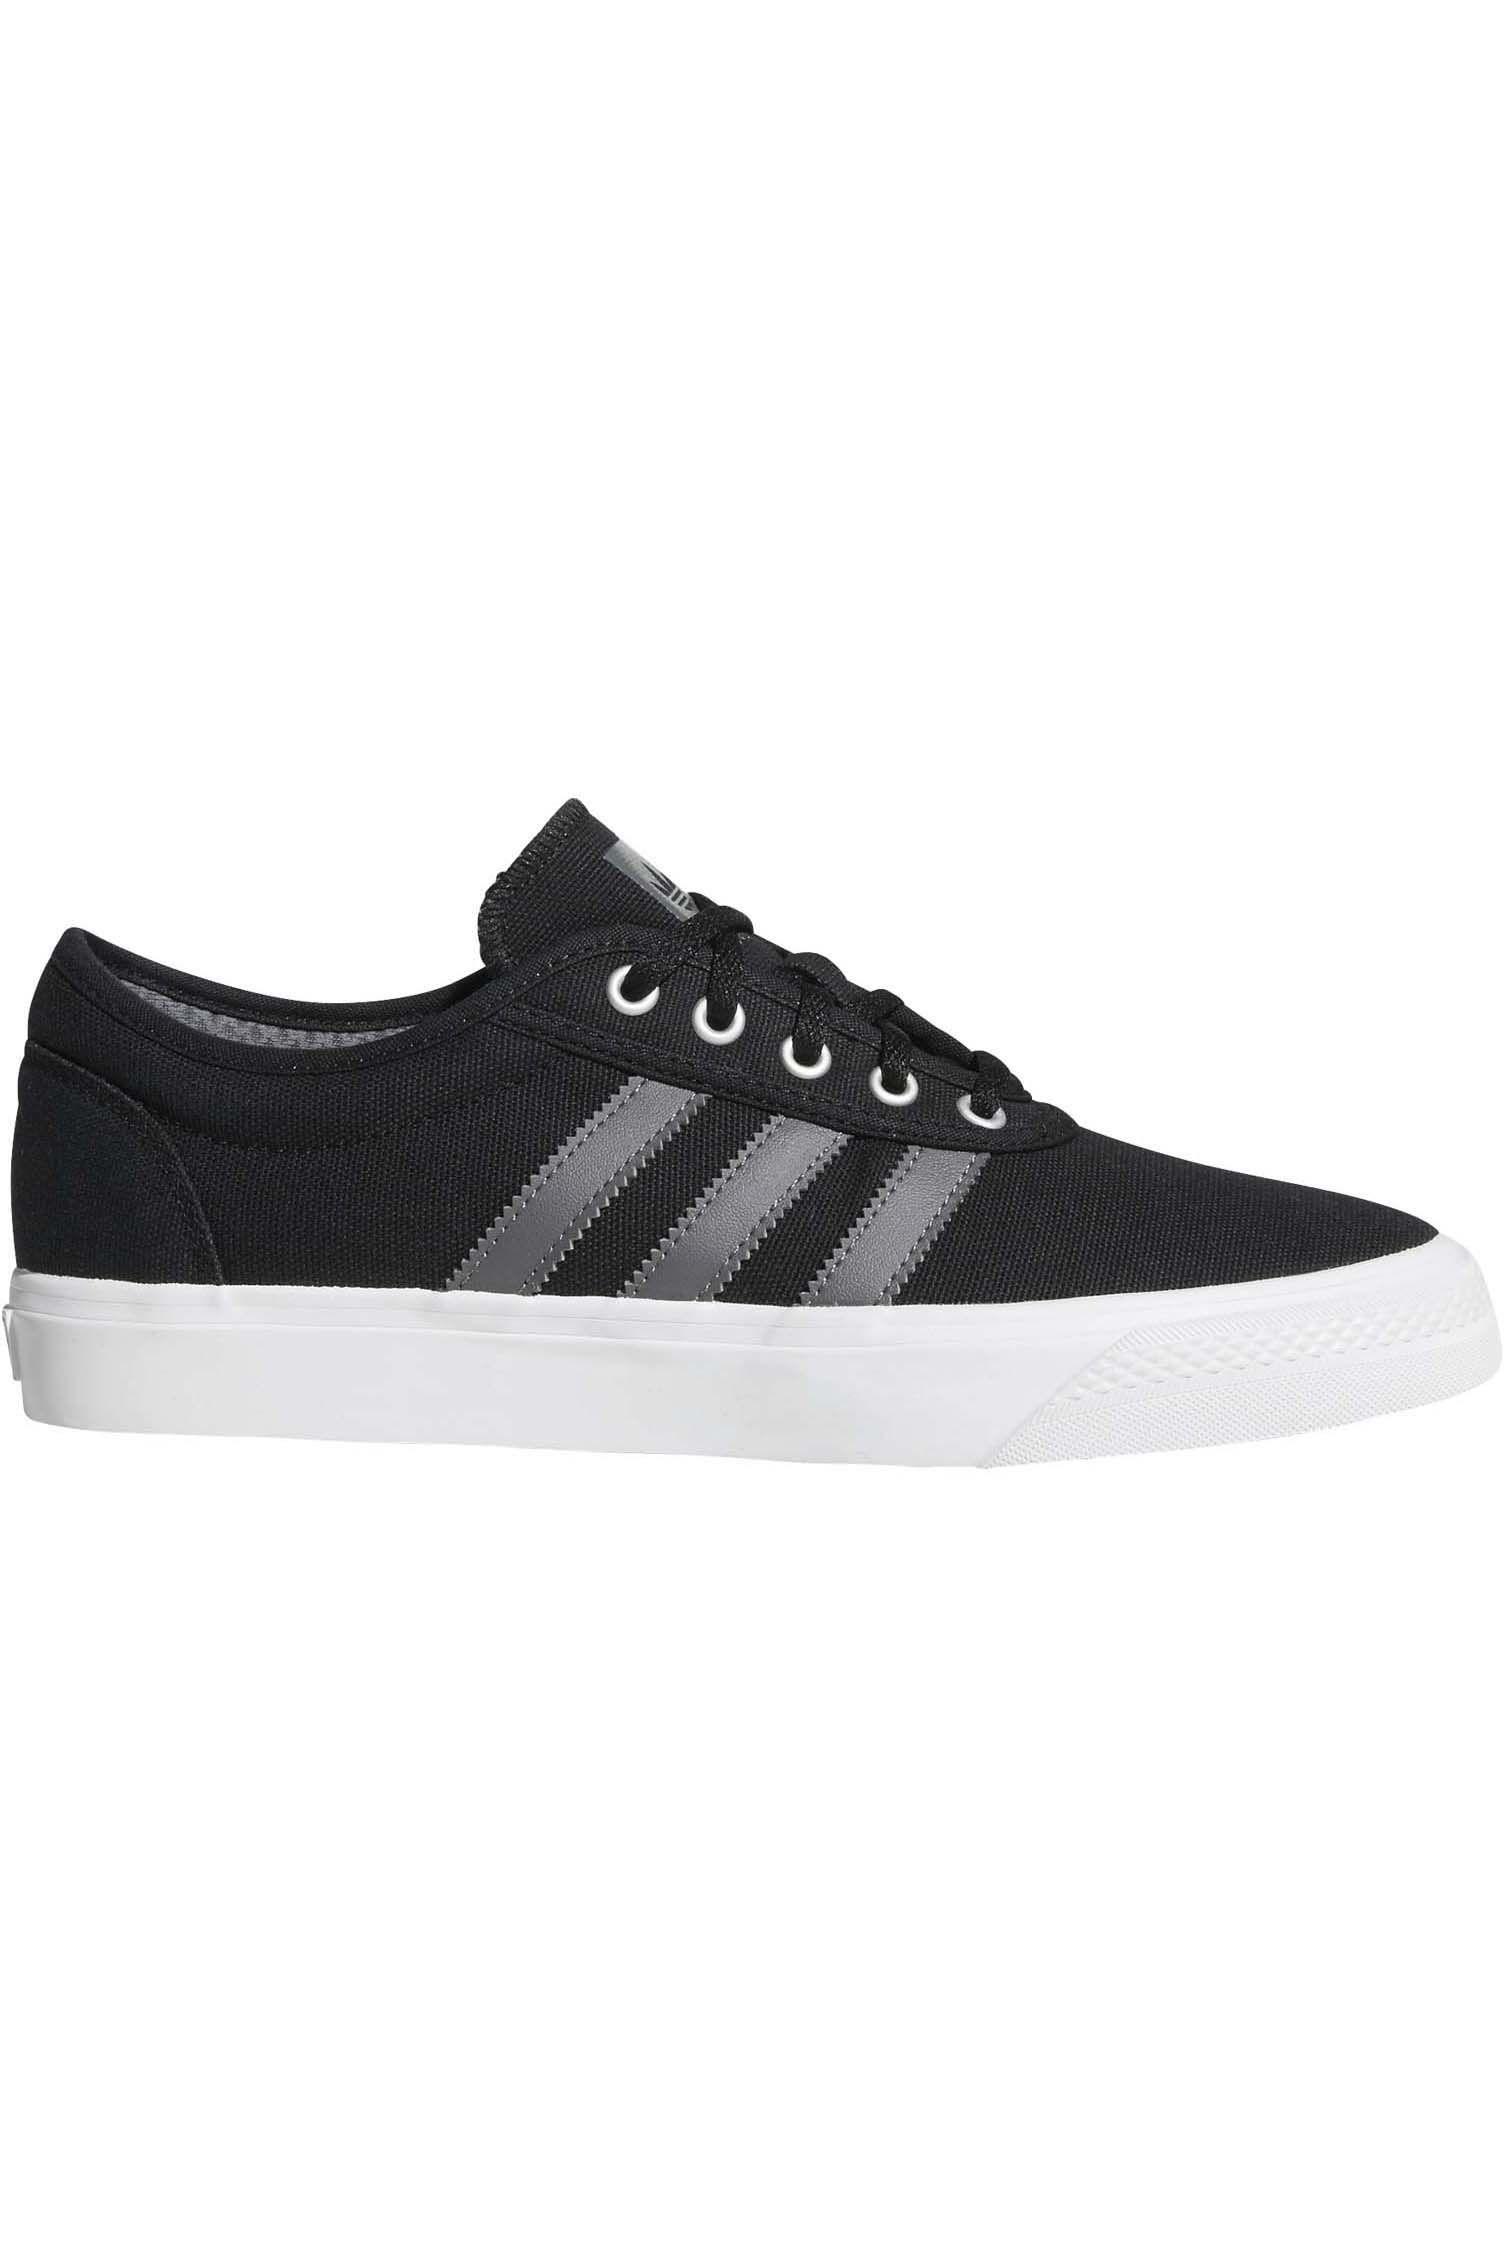 Tenis Adidas ADI-EASE Core Black/Grey Four F17/Ftwr White